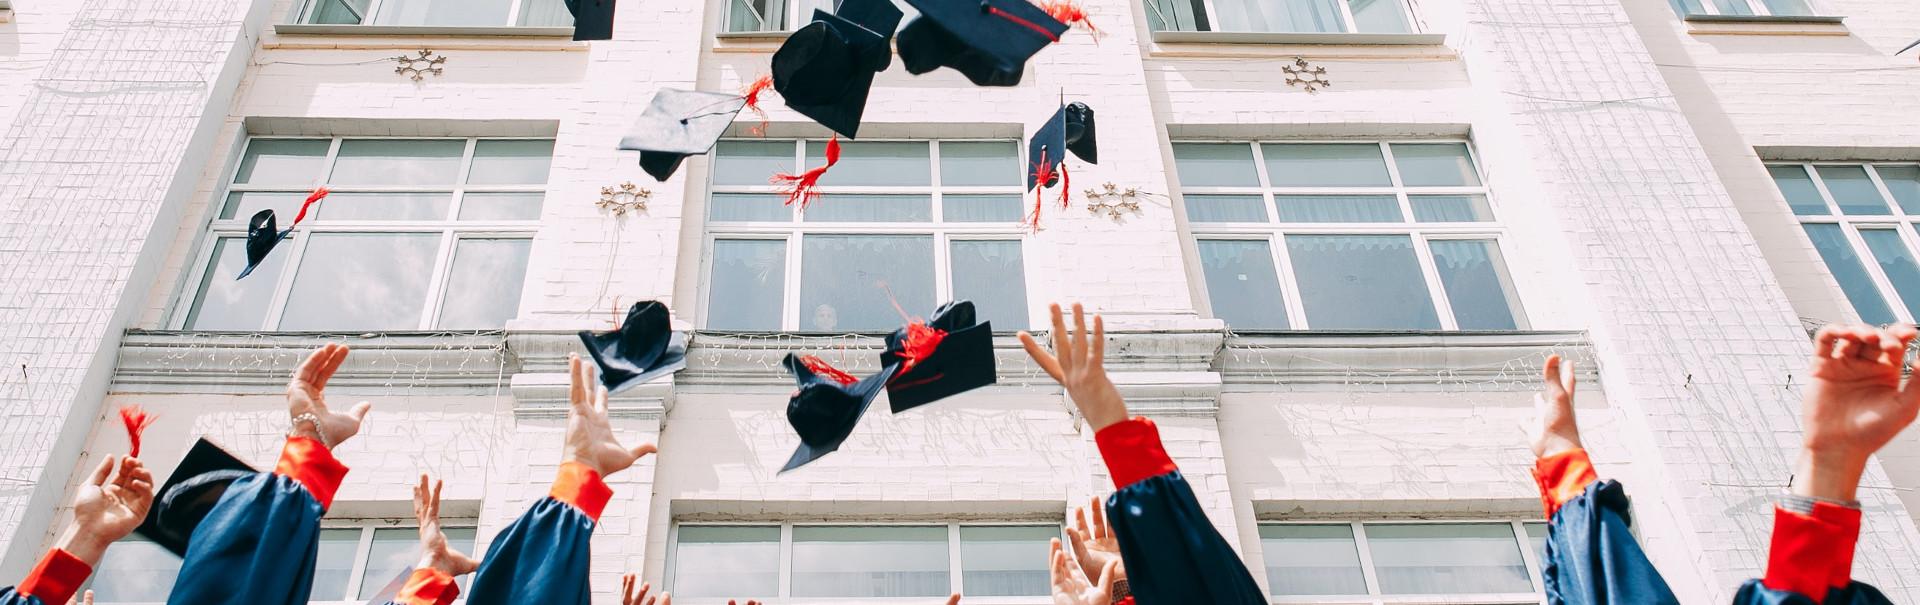 Programma di ammissione all'università spagnola